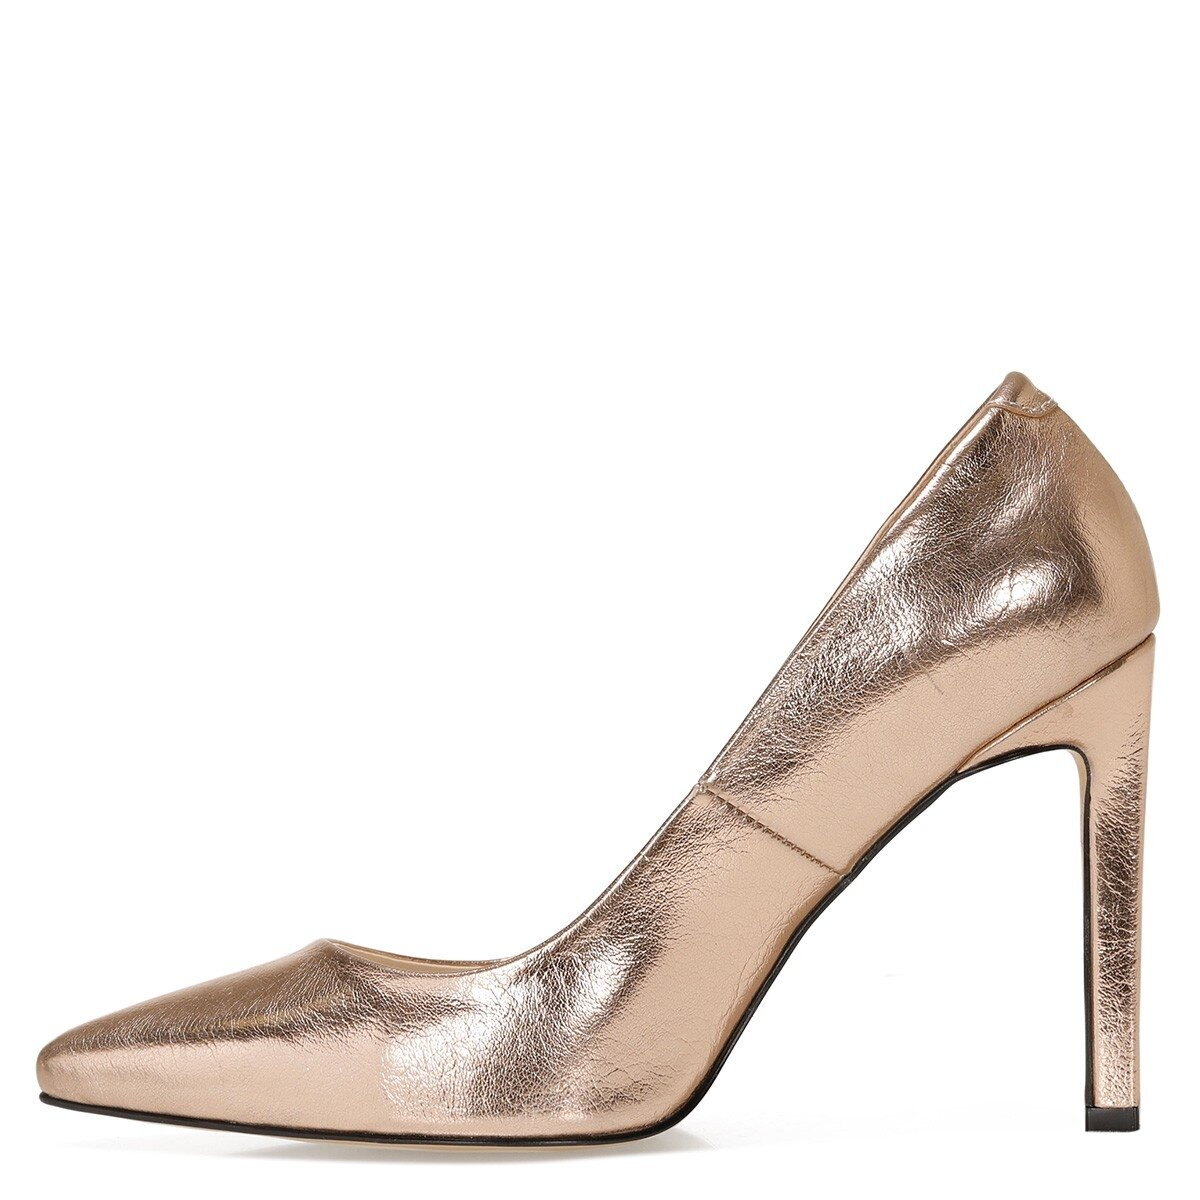 BANINA 2 1FX Bronz Kadın Gova Ayakkabı